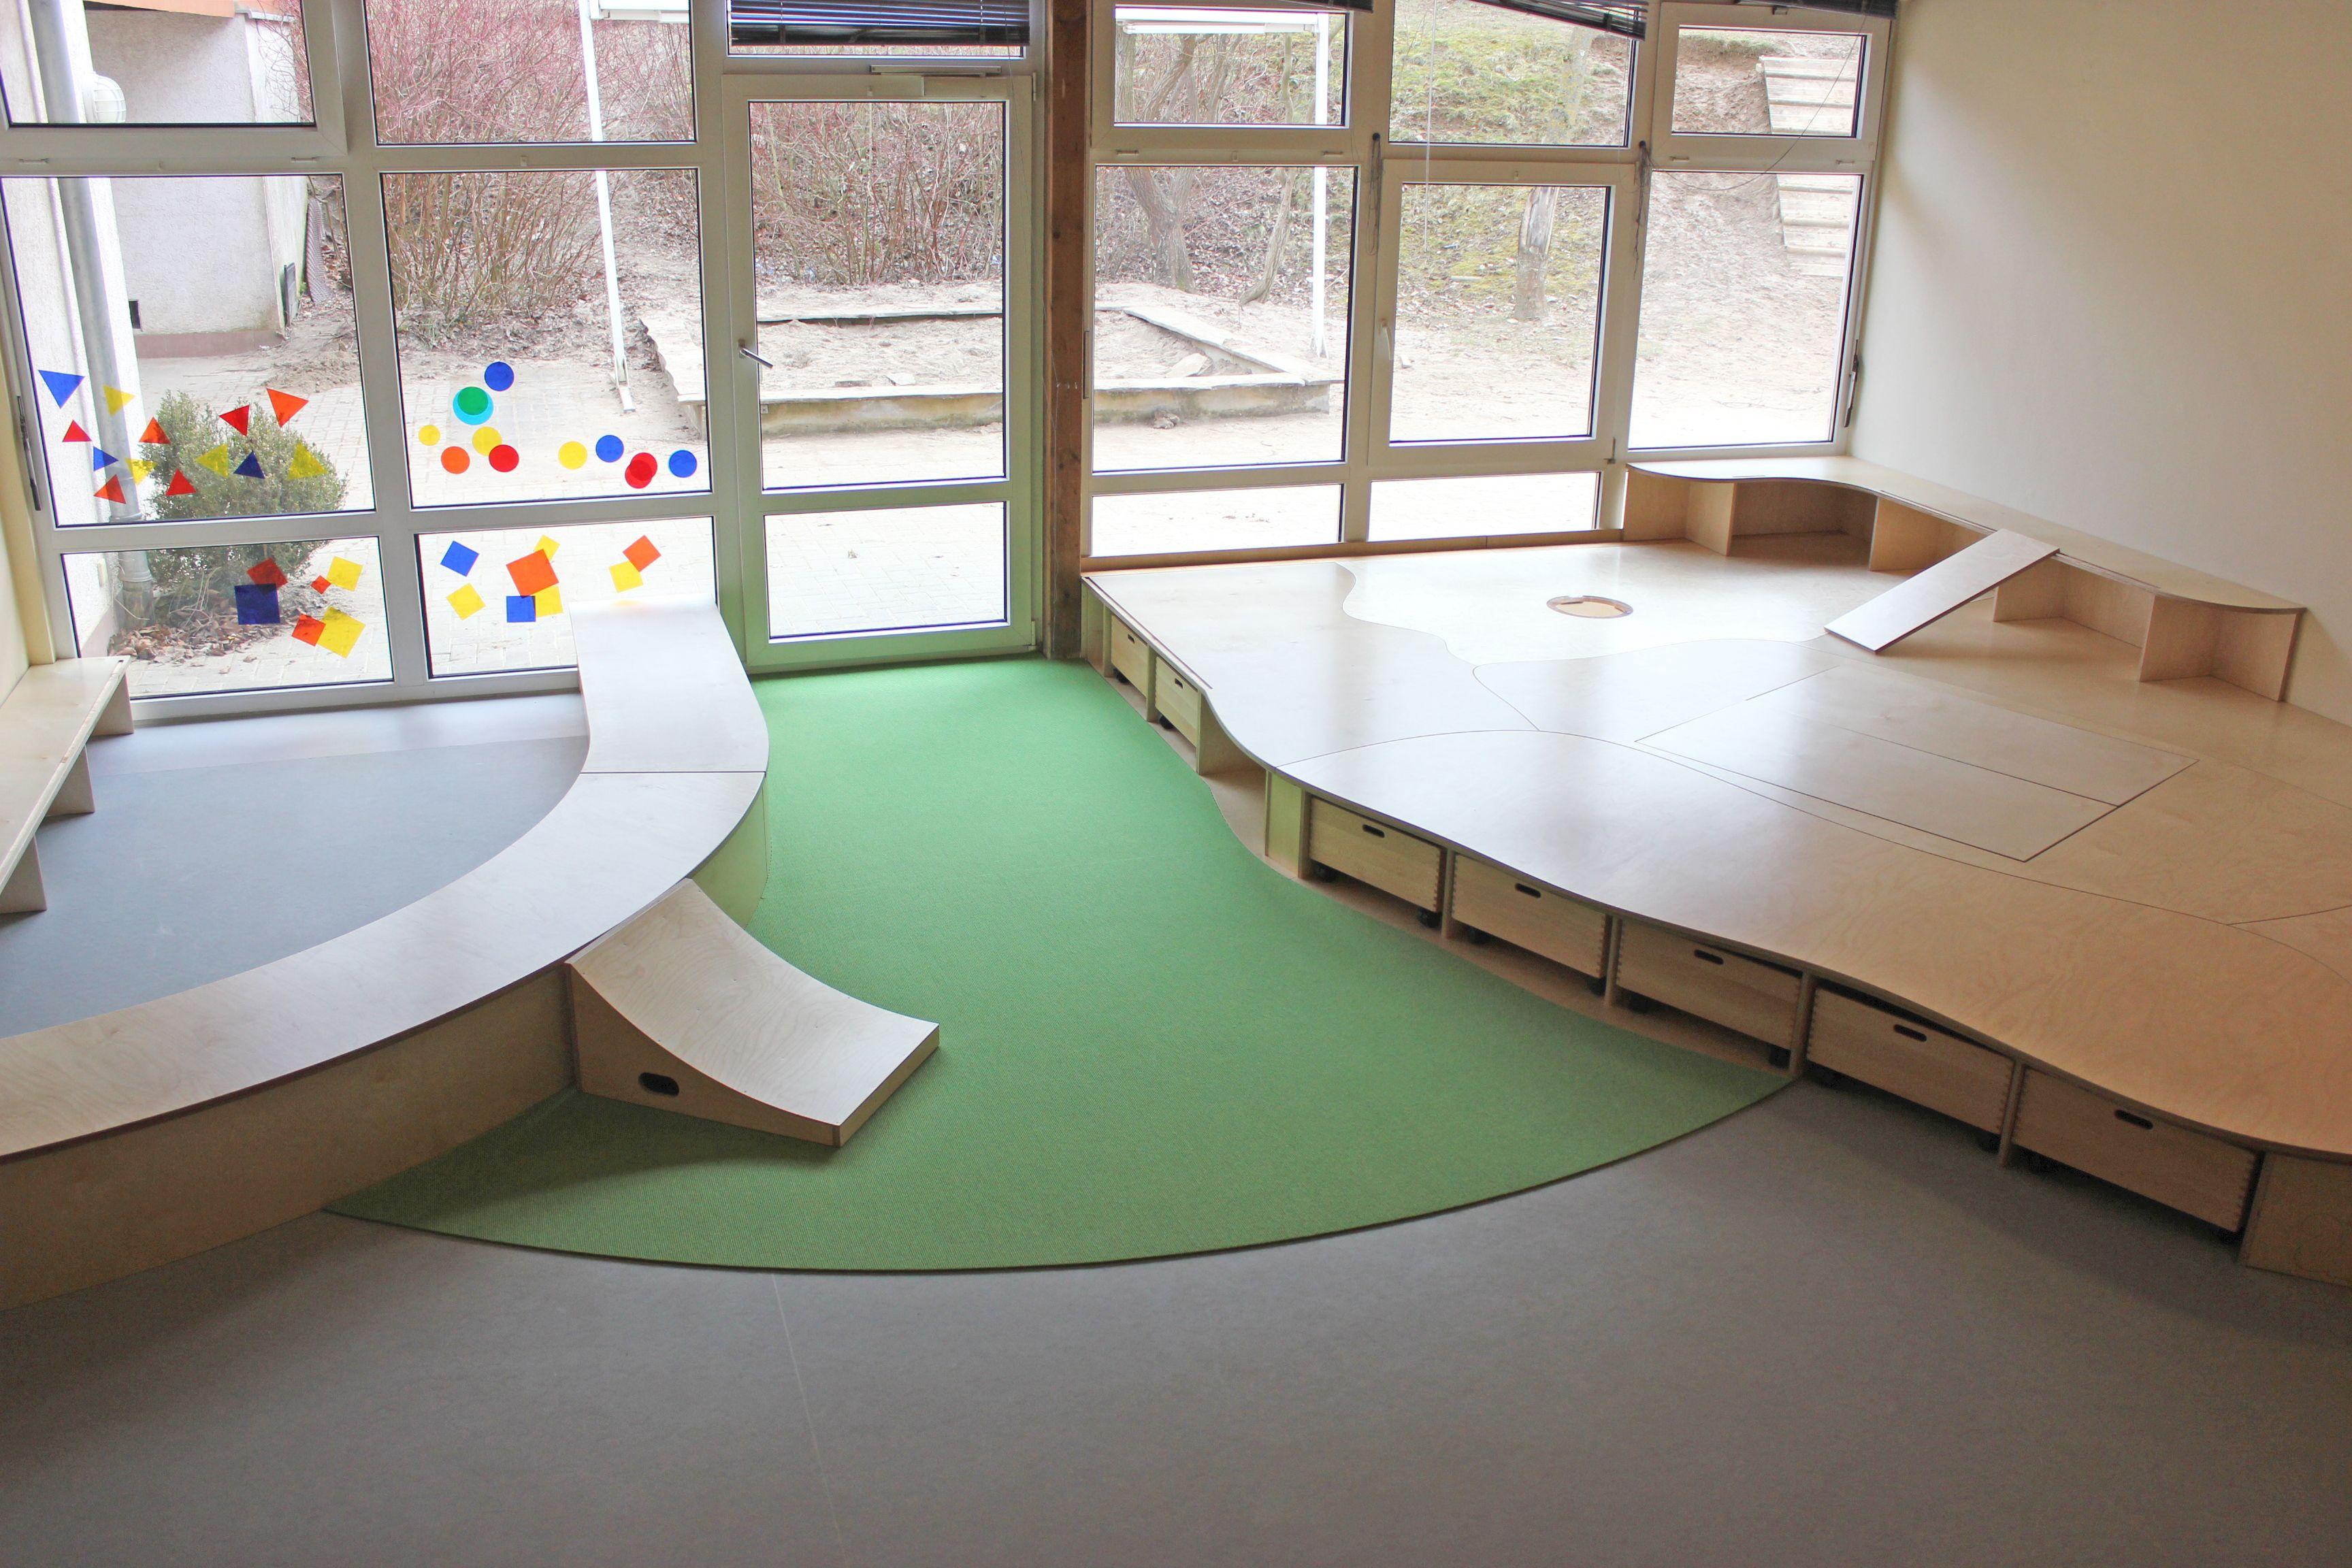 Spielpodest spielecke spielebene verschiedene ebenen for Spielpodest kinderzimmer